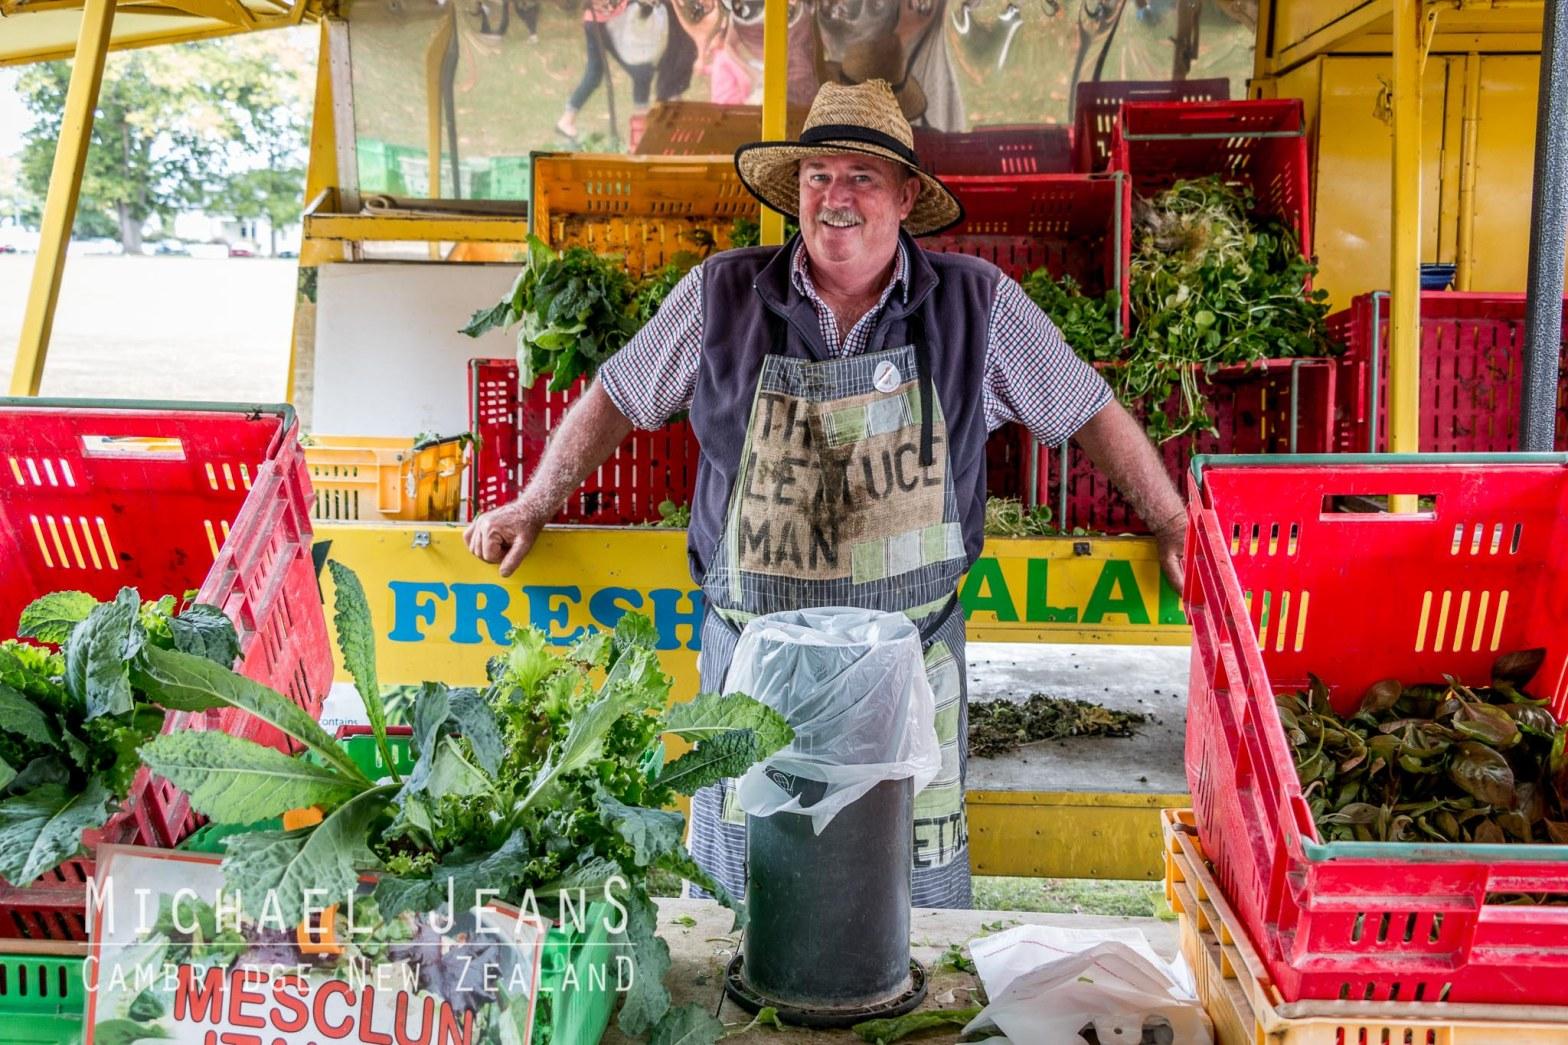 The Lettuce Man Cambridge Farmers' Market Victoria Square